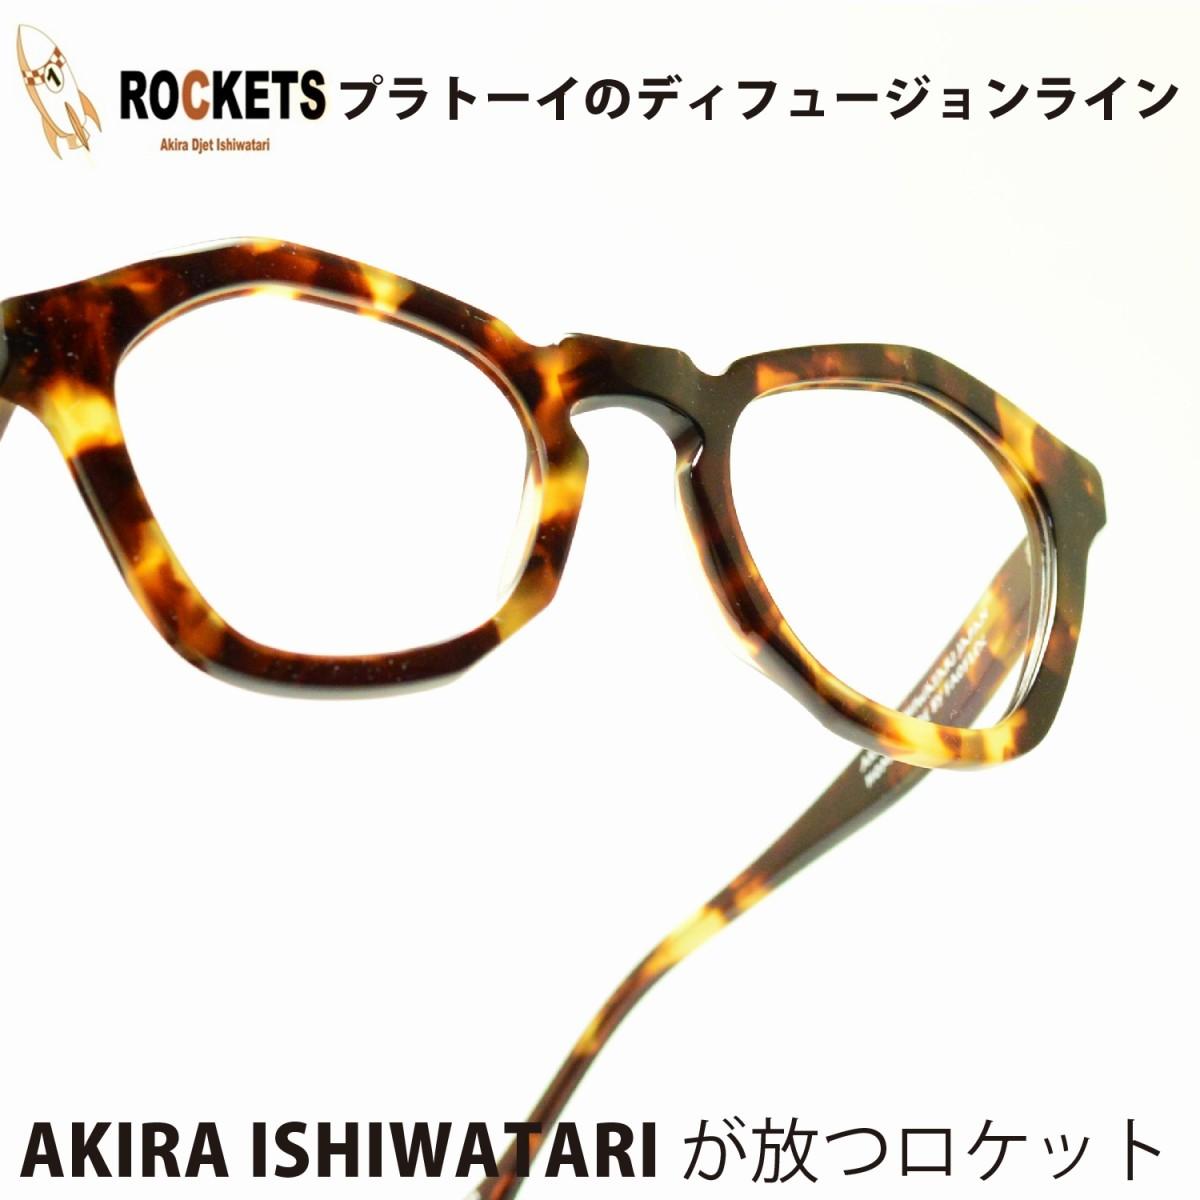 ROCKETS ABBY COL-FAULINメガネ 眼鏡 めがね メンズ レディース おしゃれ ブランド 人気 おすすめ フレーム 流行り 度付き レンズ